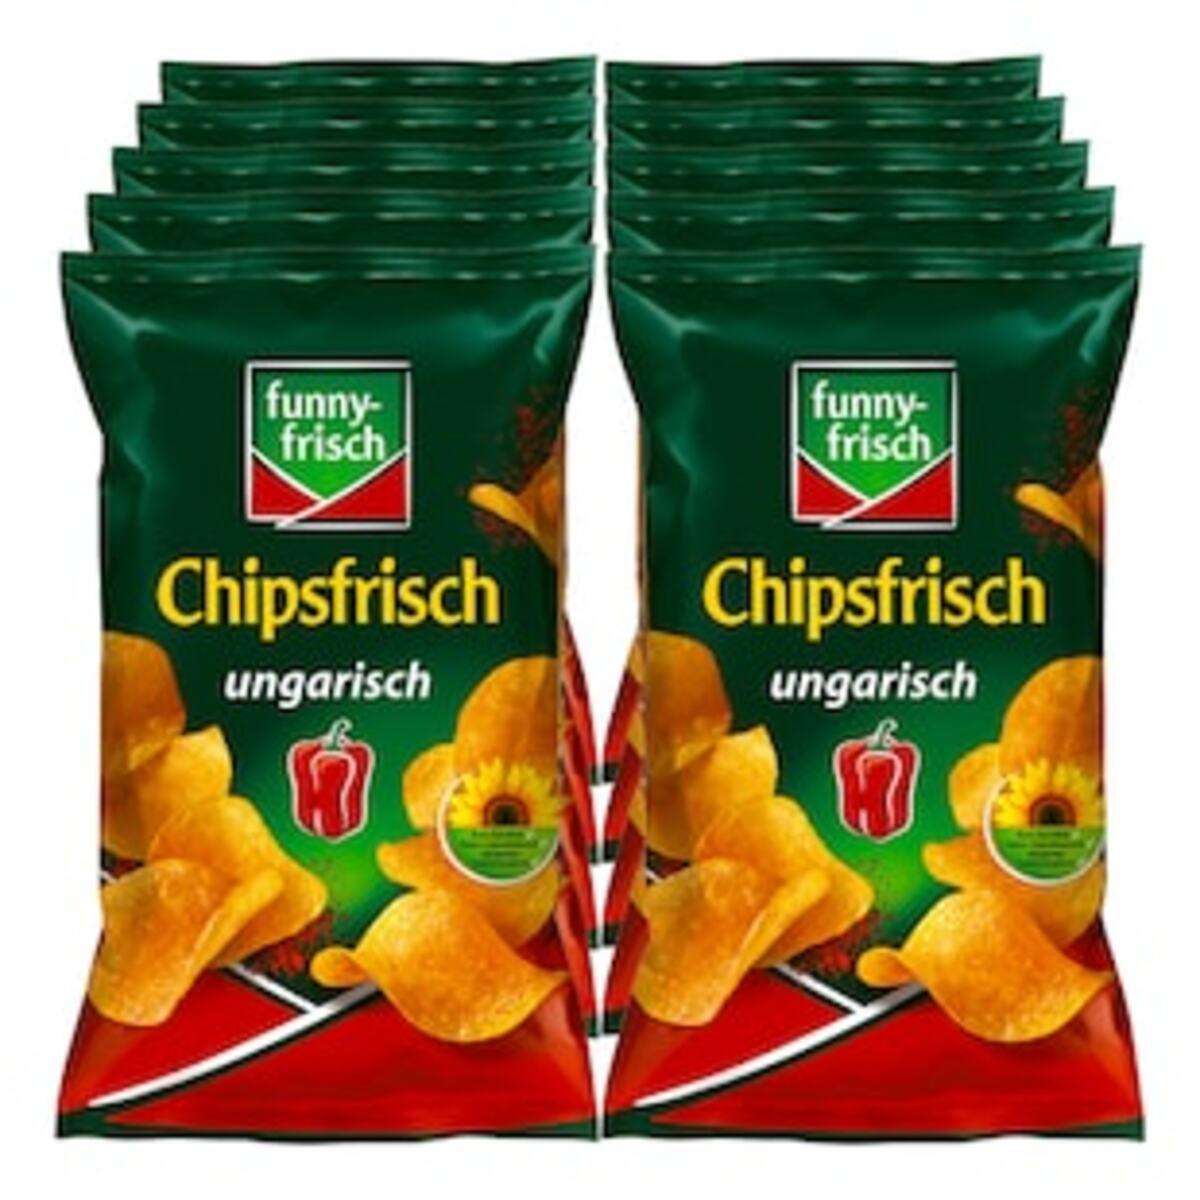 Bild 2 von Funny Frisch Chipsfrisch ungarisch 175 g, 10er Pack